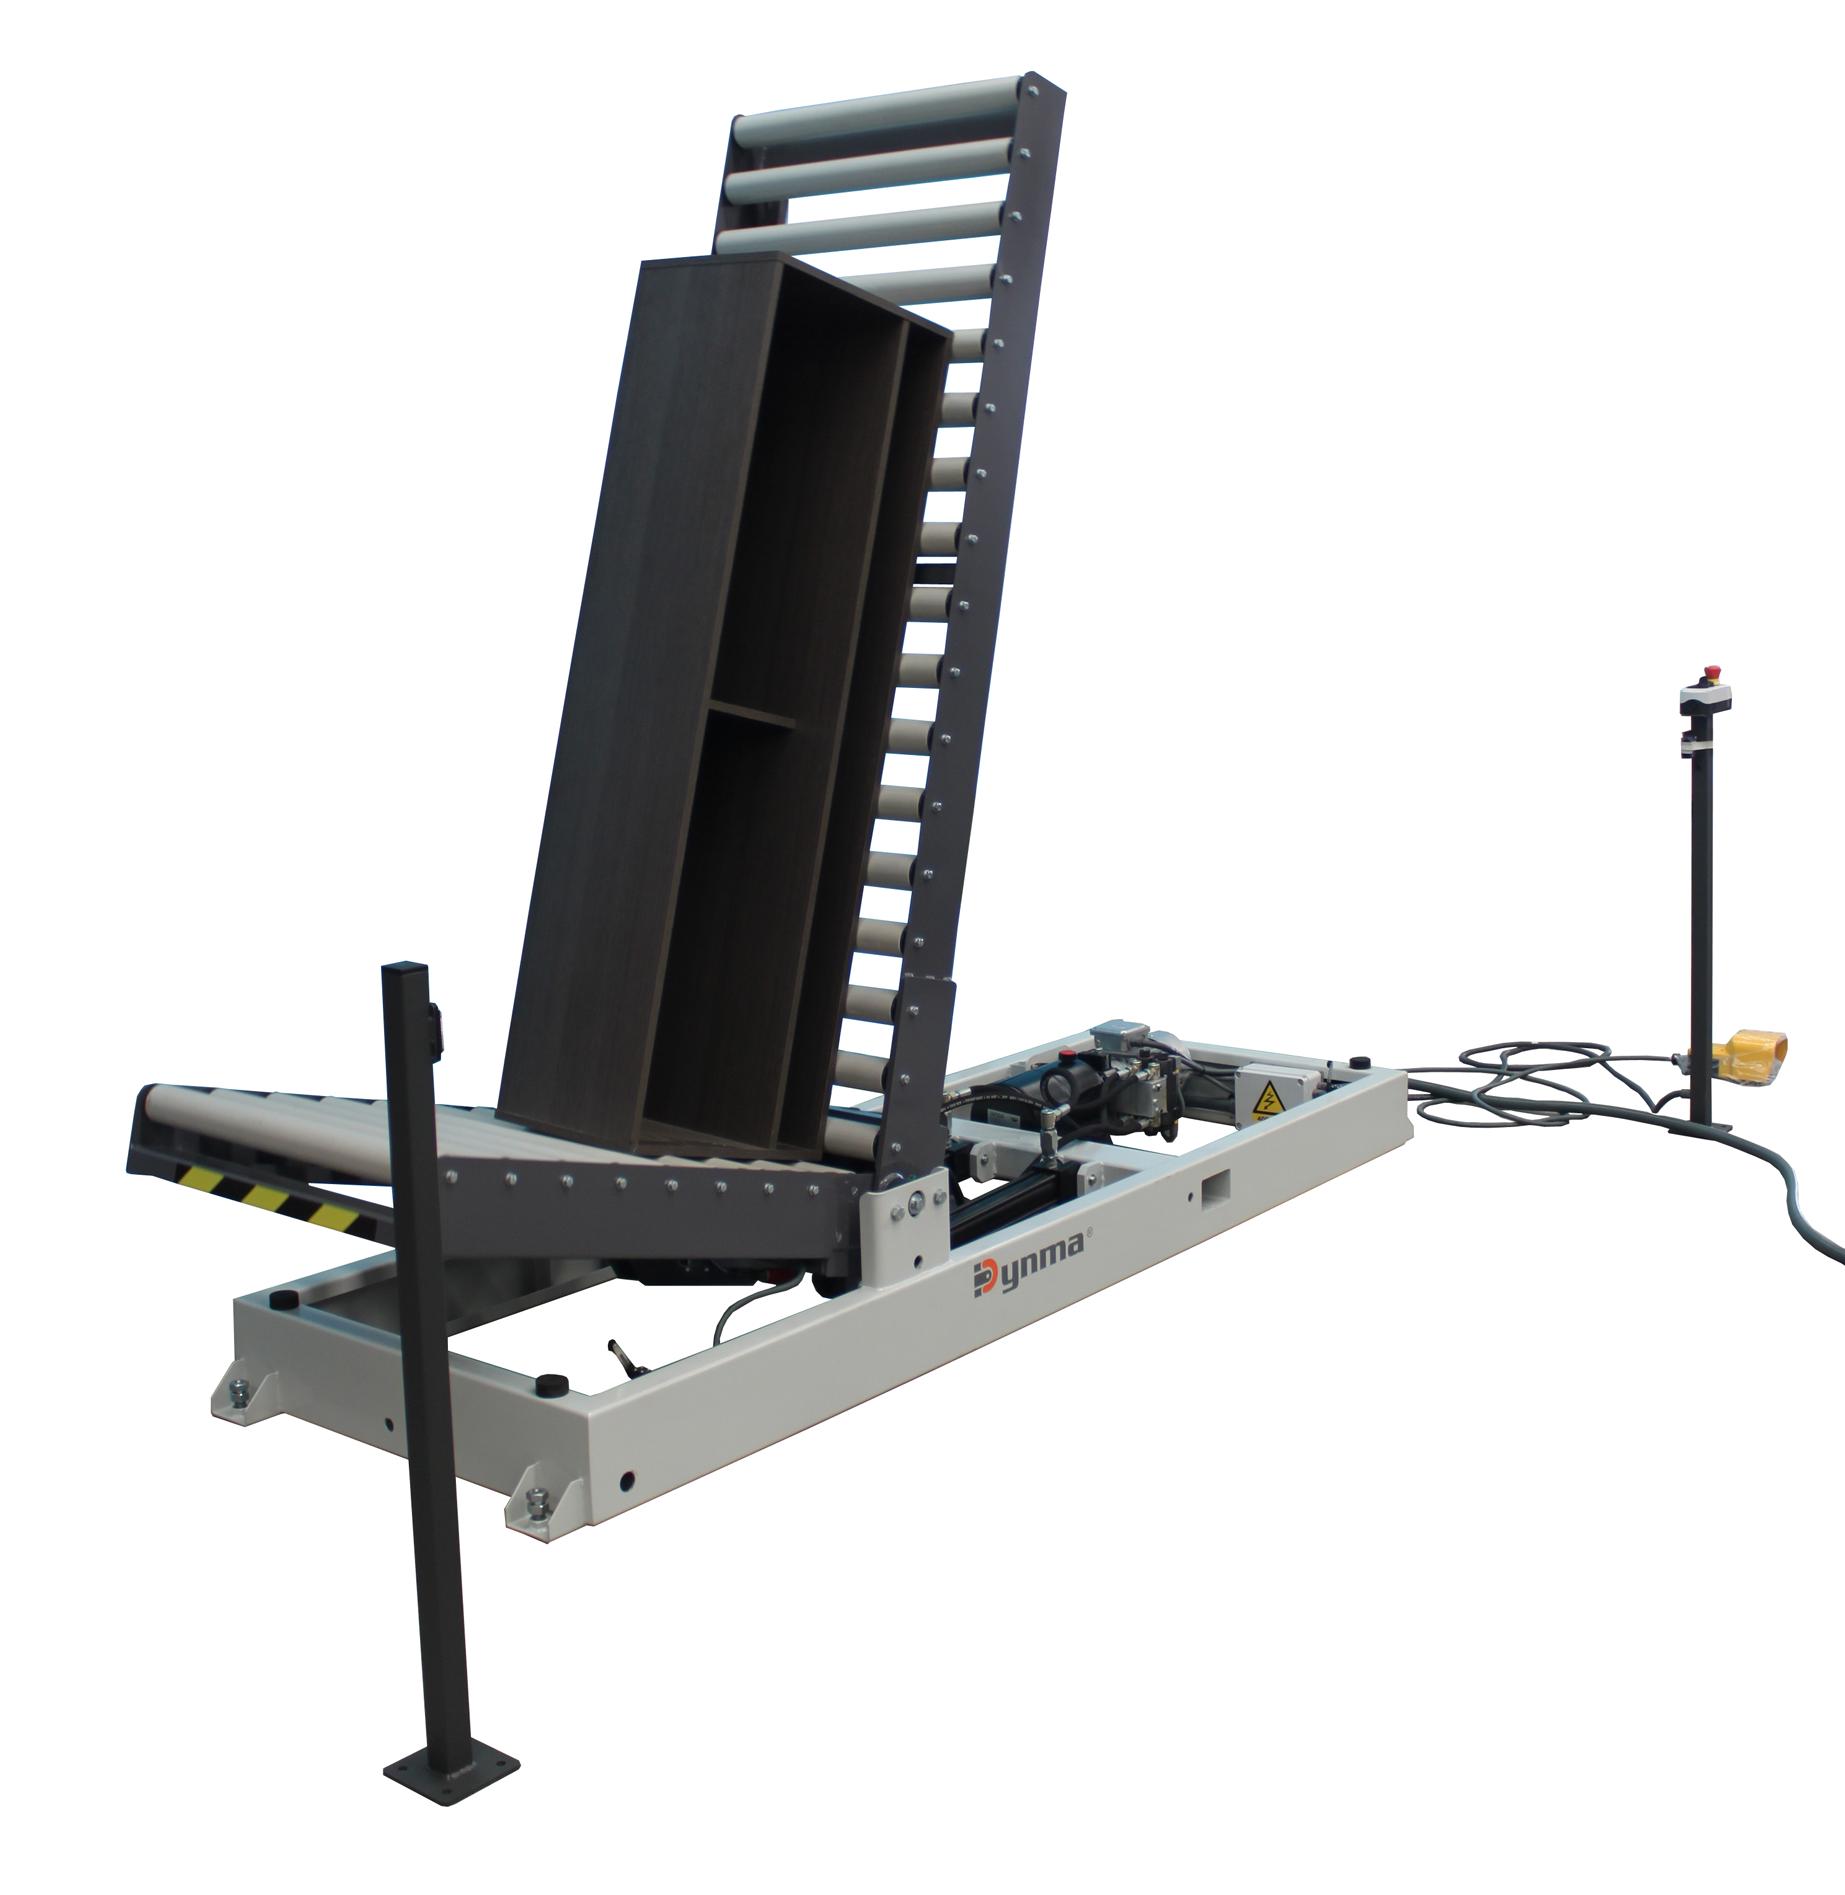 TVR- Gravity roller tumbler